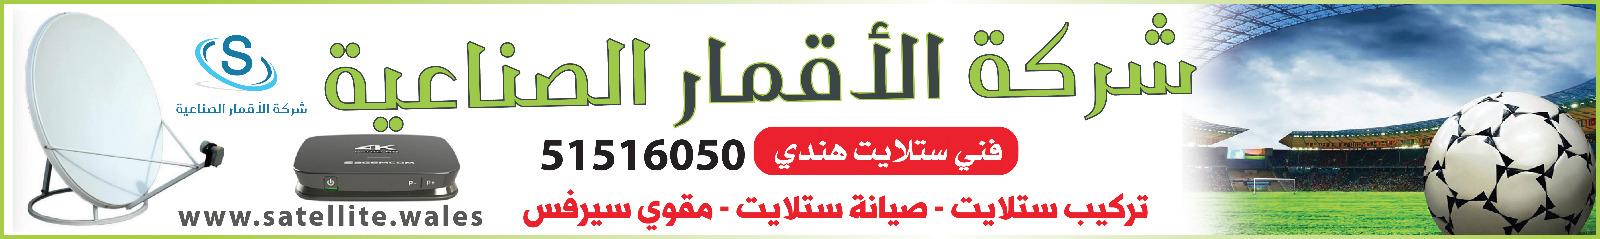 فني ستلايت الكويت 51516050